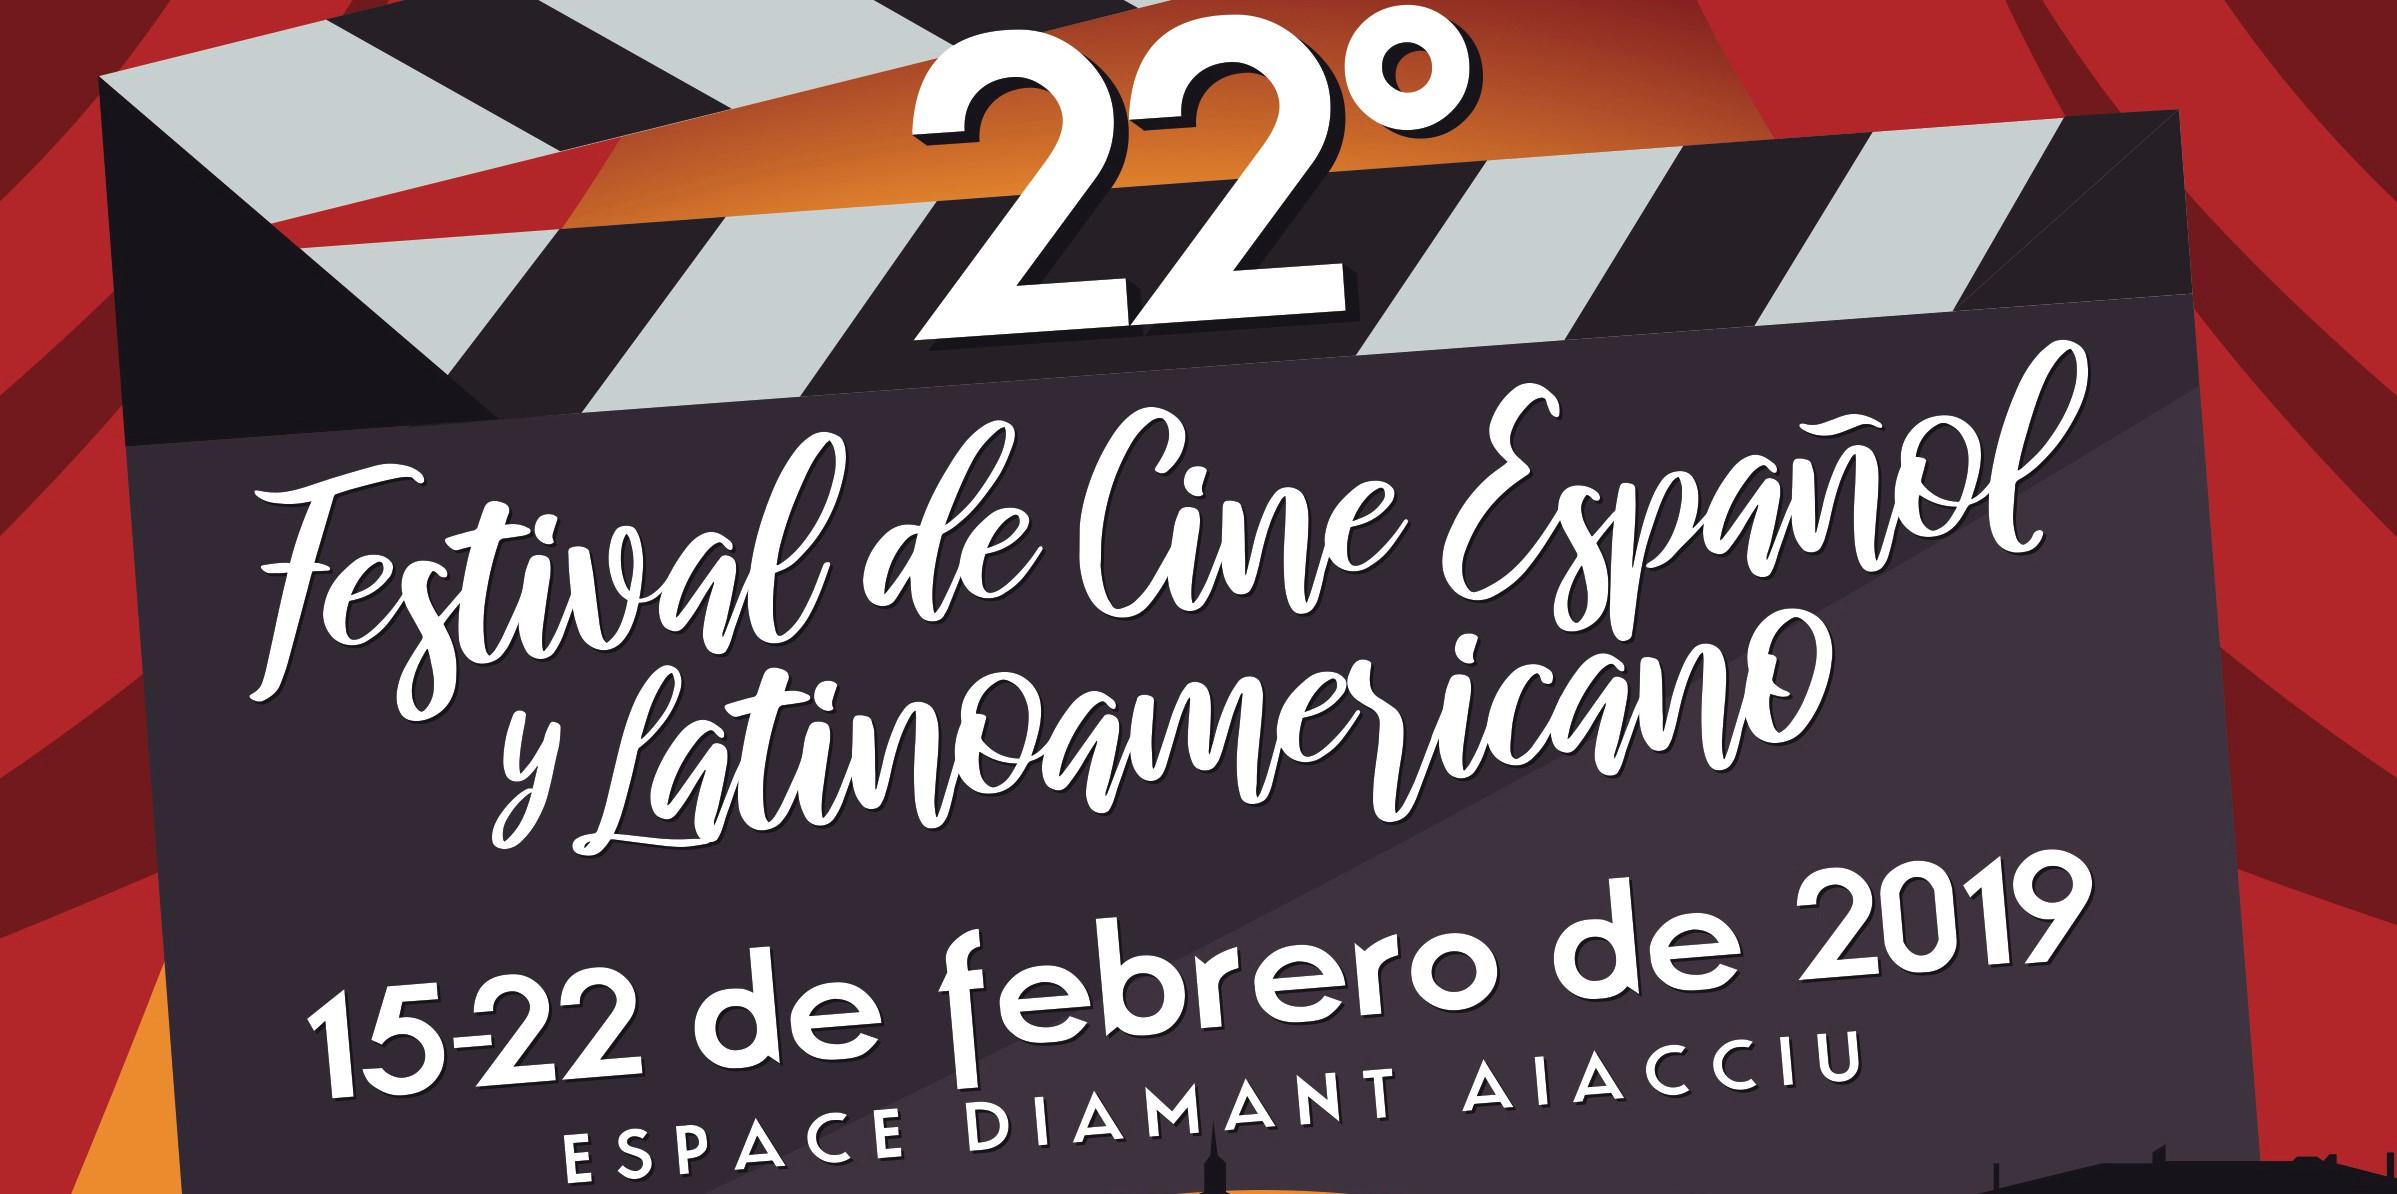 Ajaccio : 17 films au 22è Festival du film espagnol et latino, jusqu'au 22 février à l'Espace Diamant